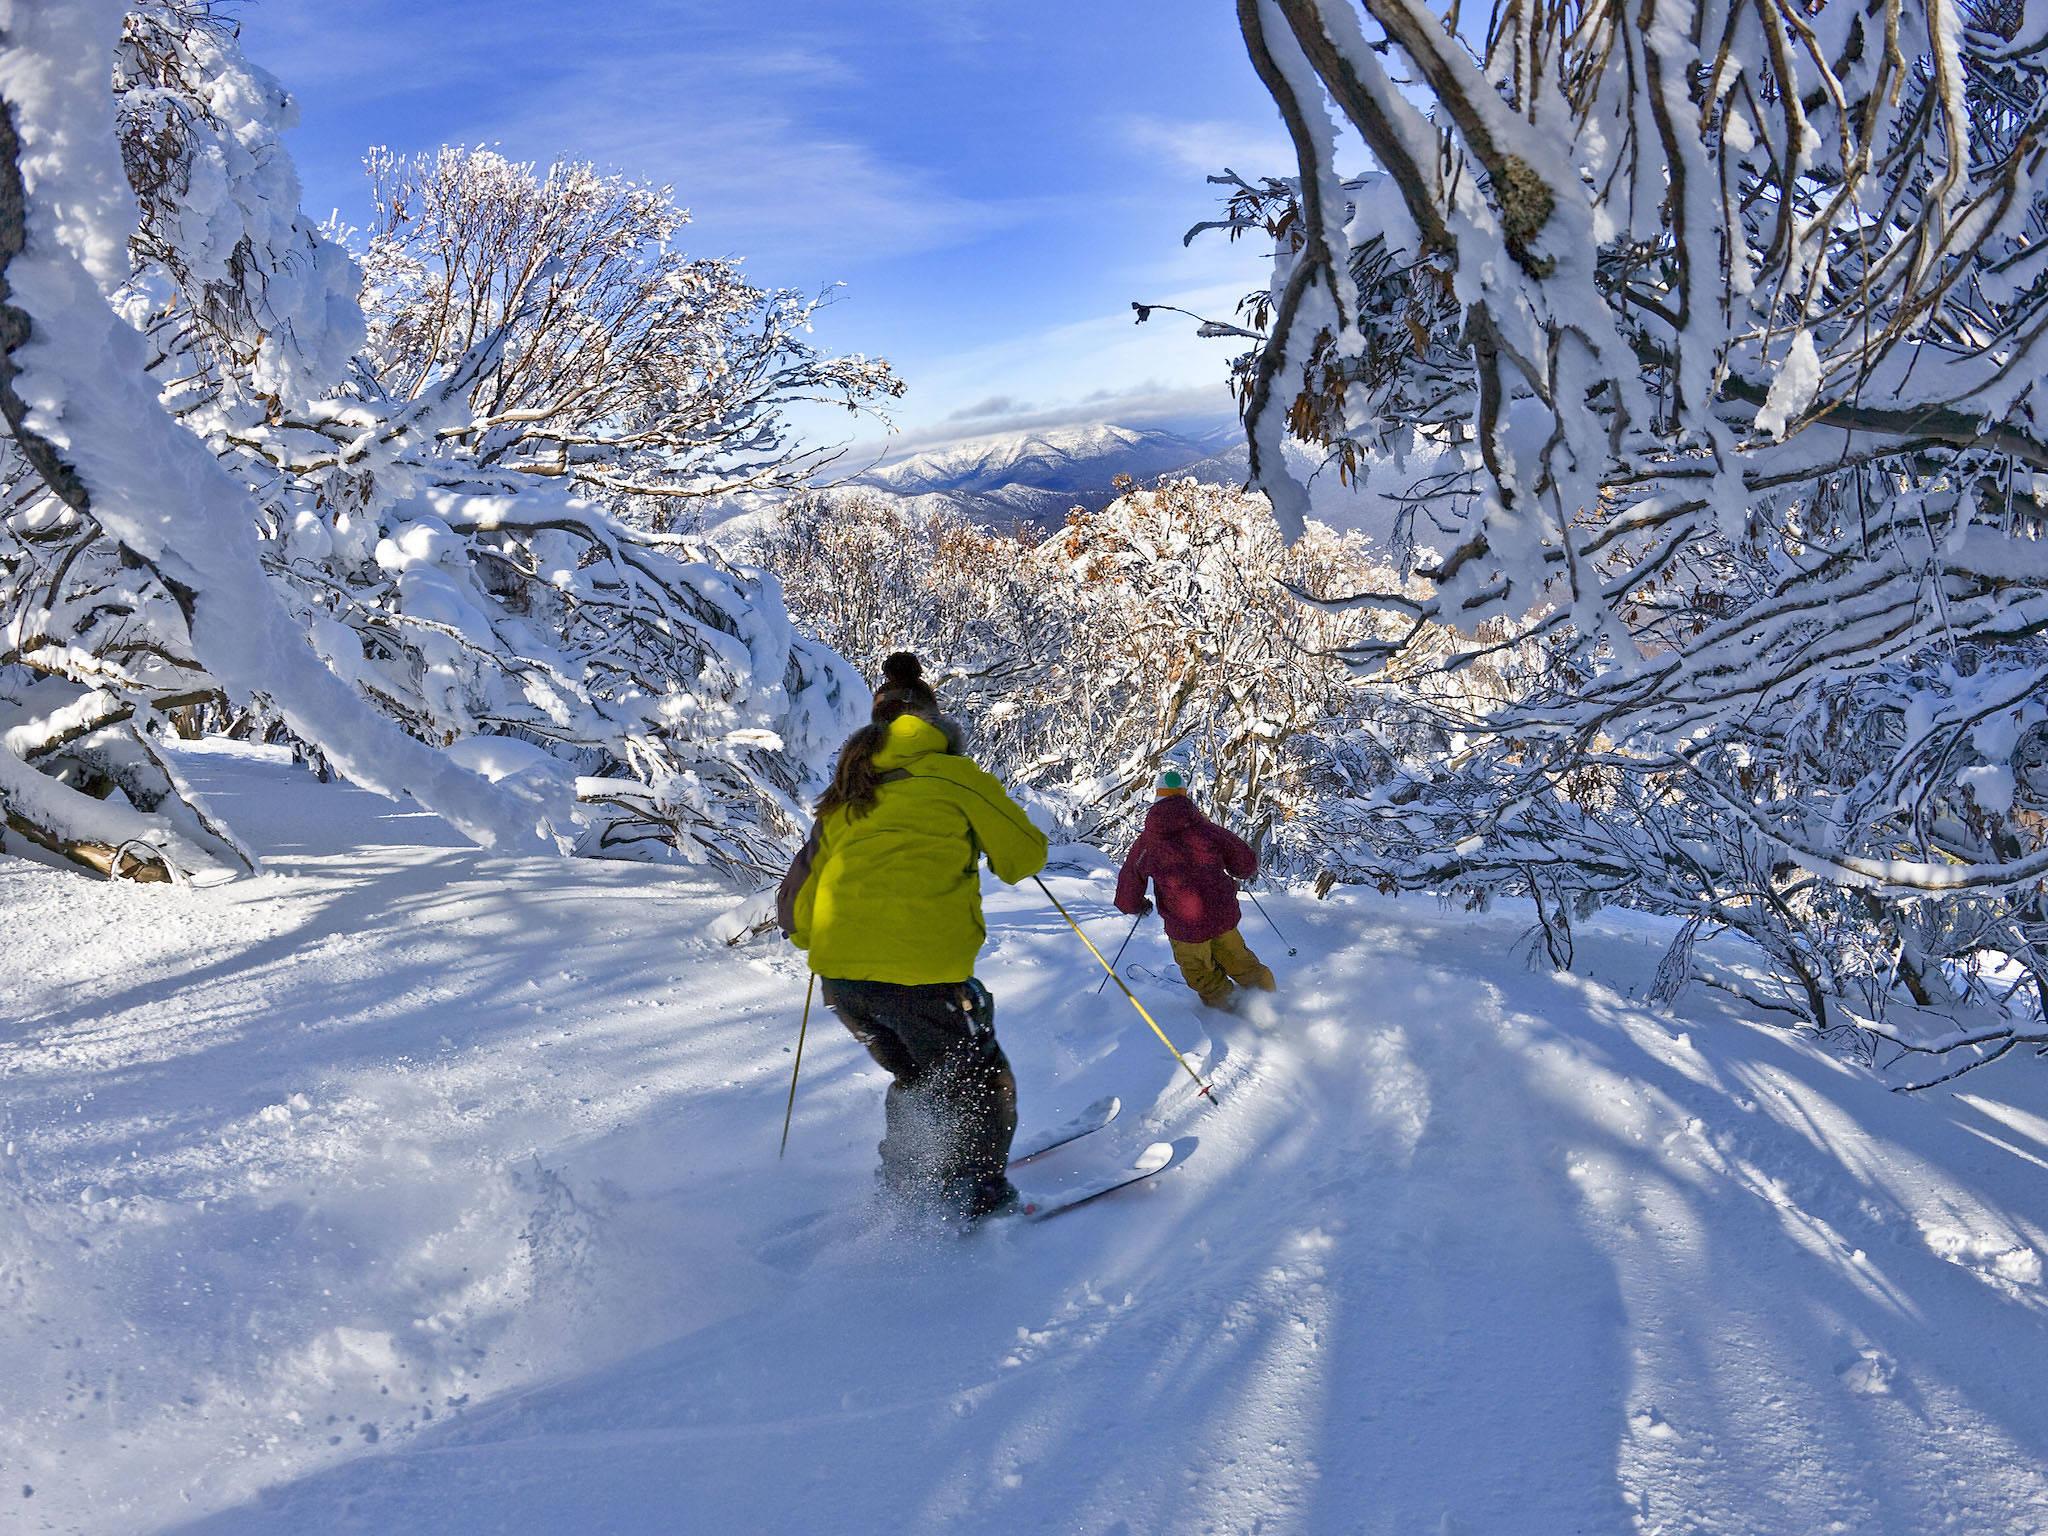 Skiing at Mt Buller